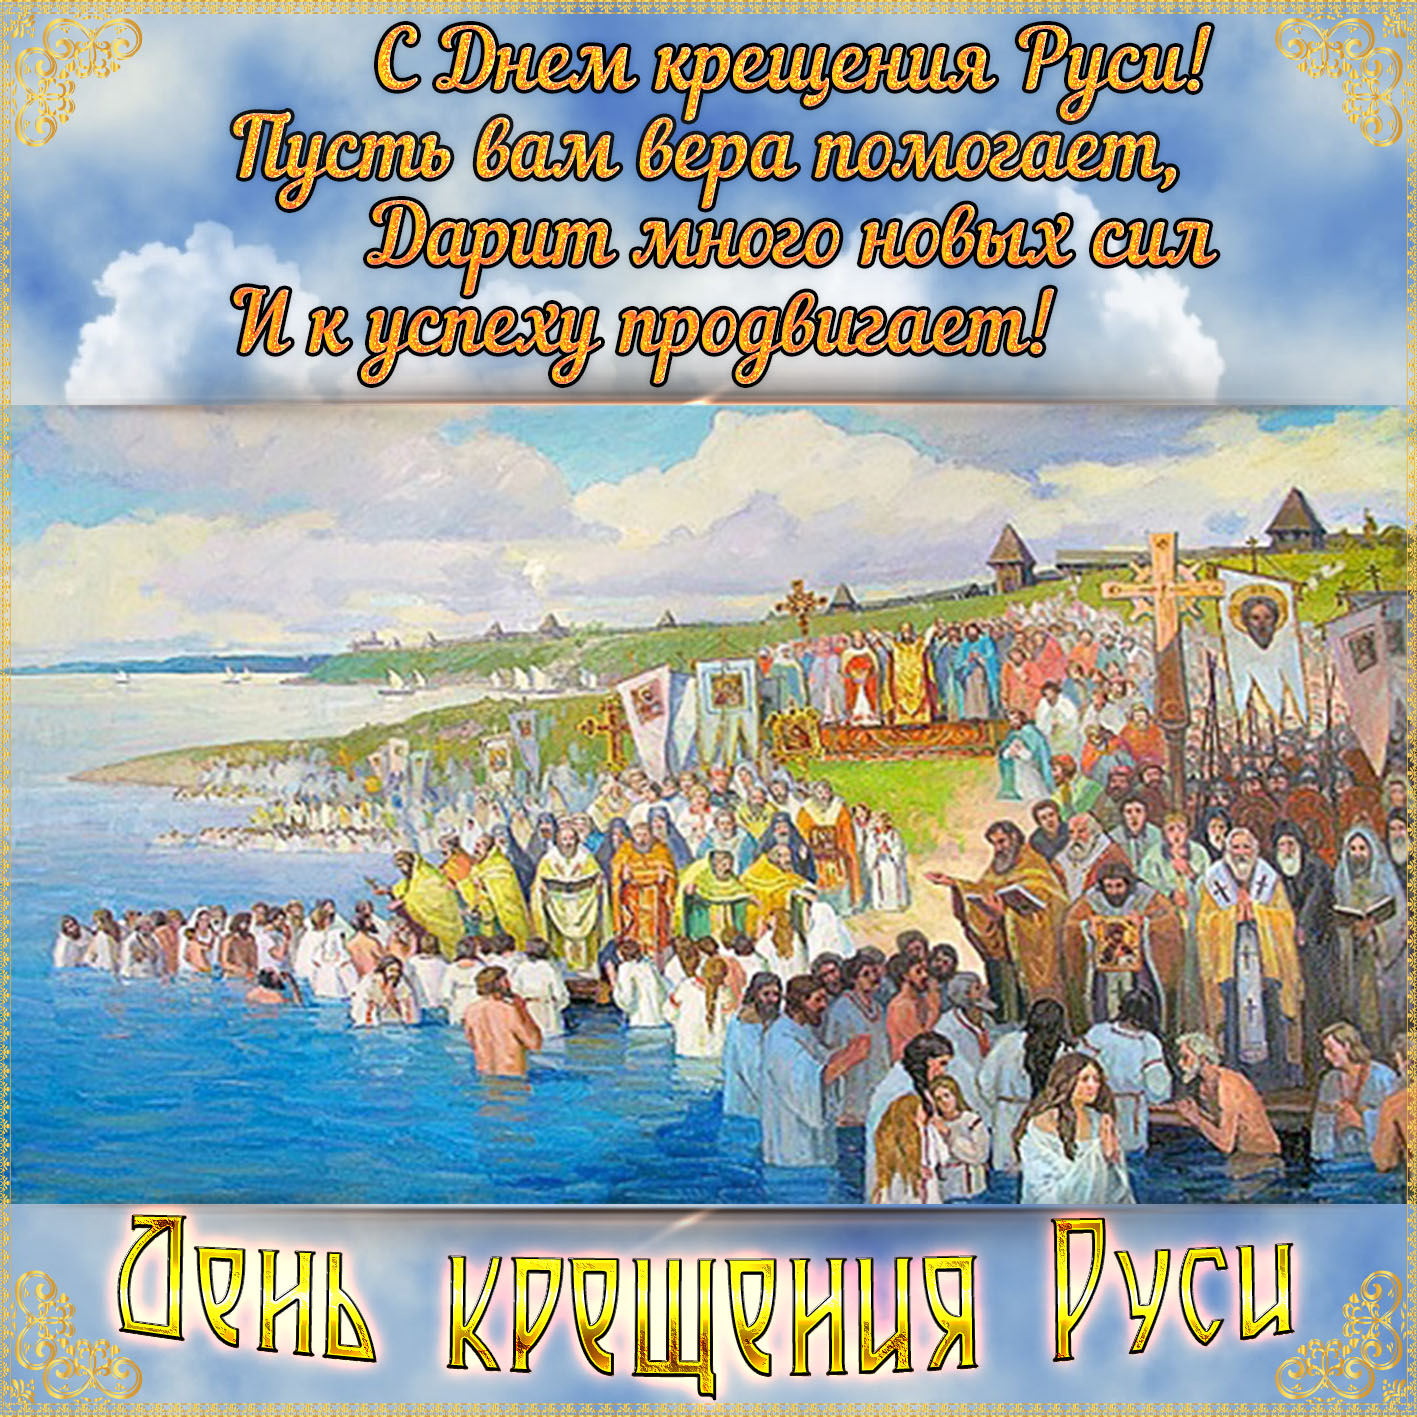 Картинки к крещению руси 28 июля